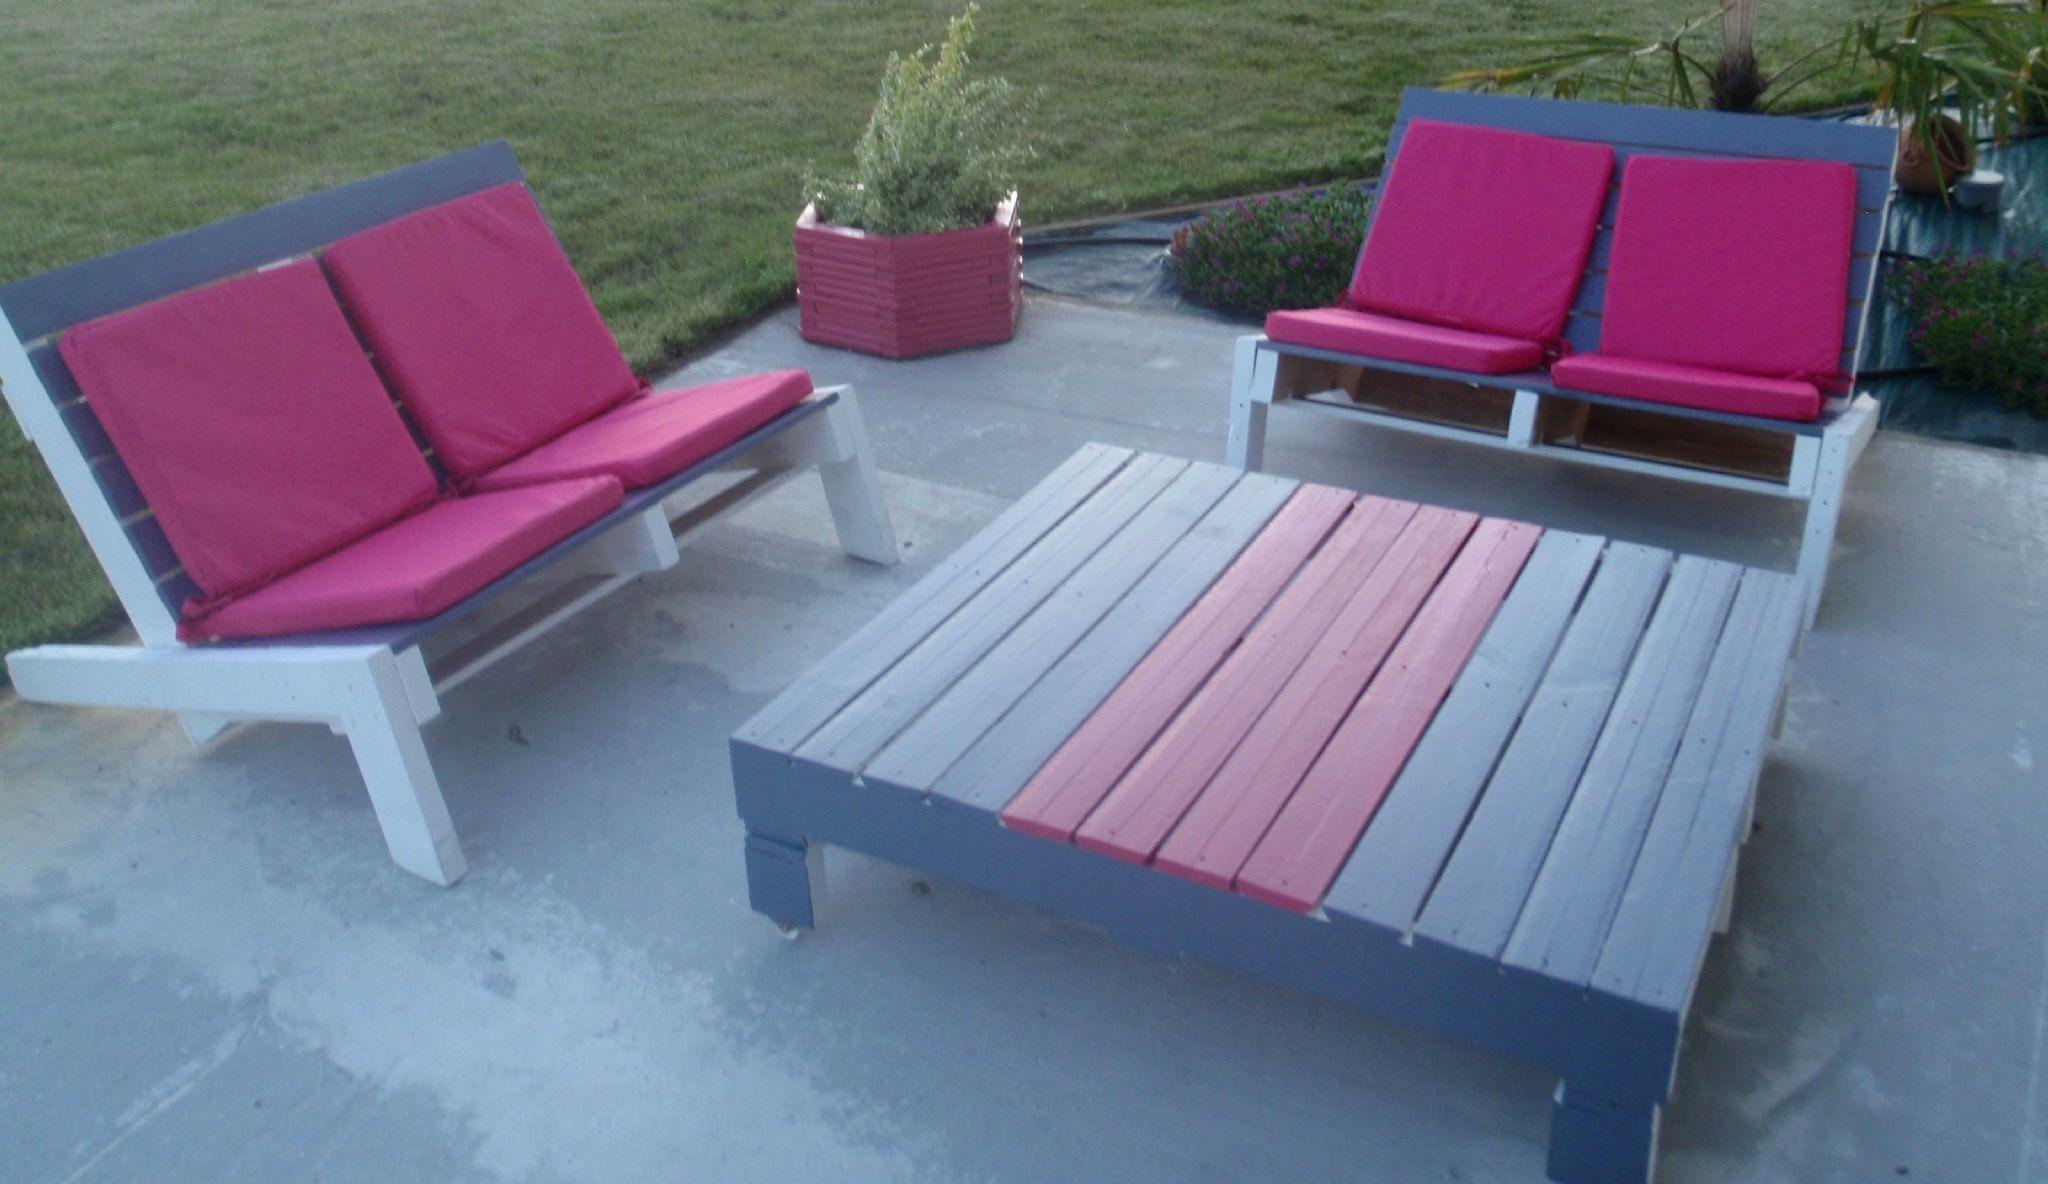 Salon de jardin en bois de palettes | Palettes | Pinterest | Jardins ...